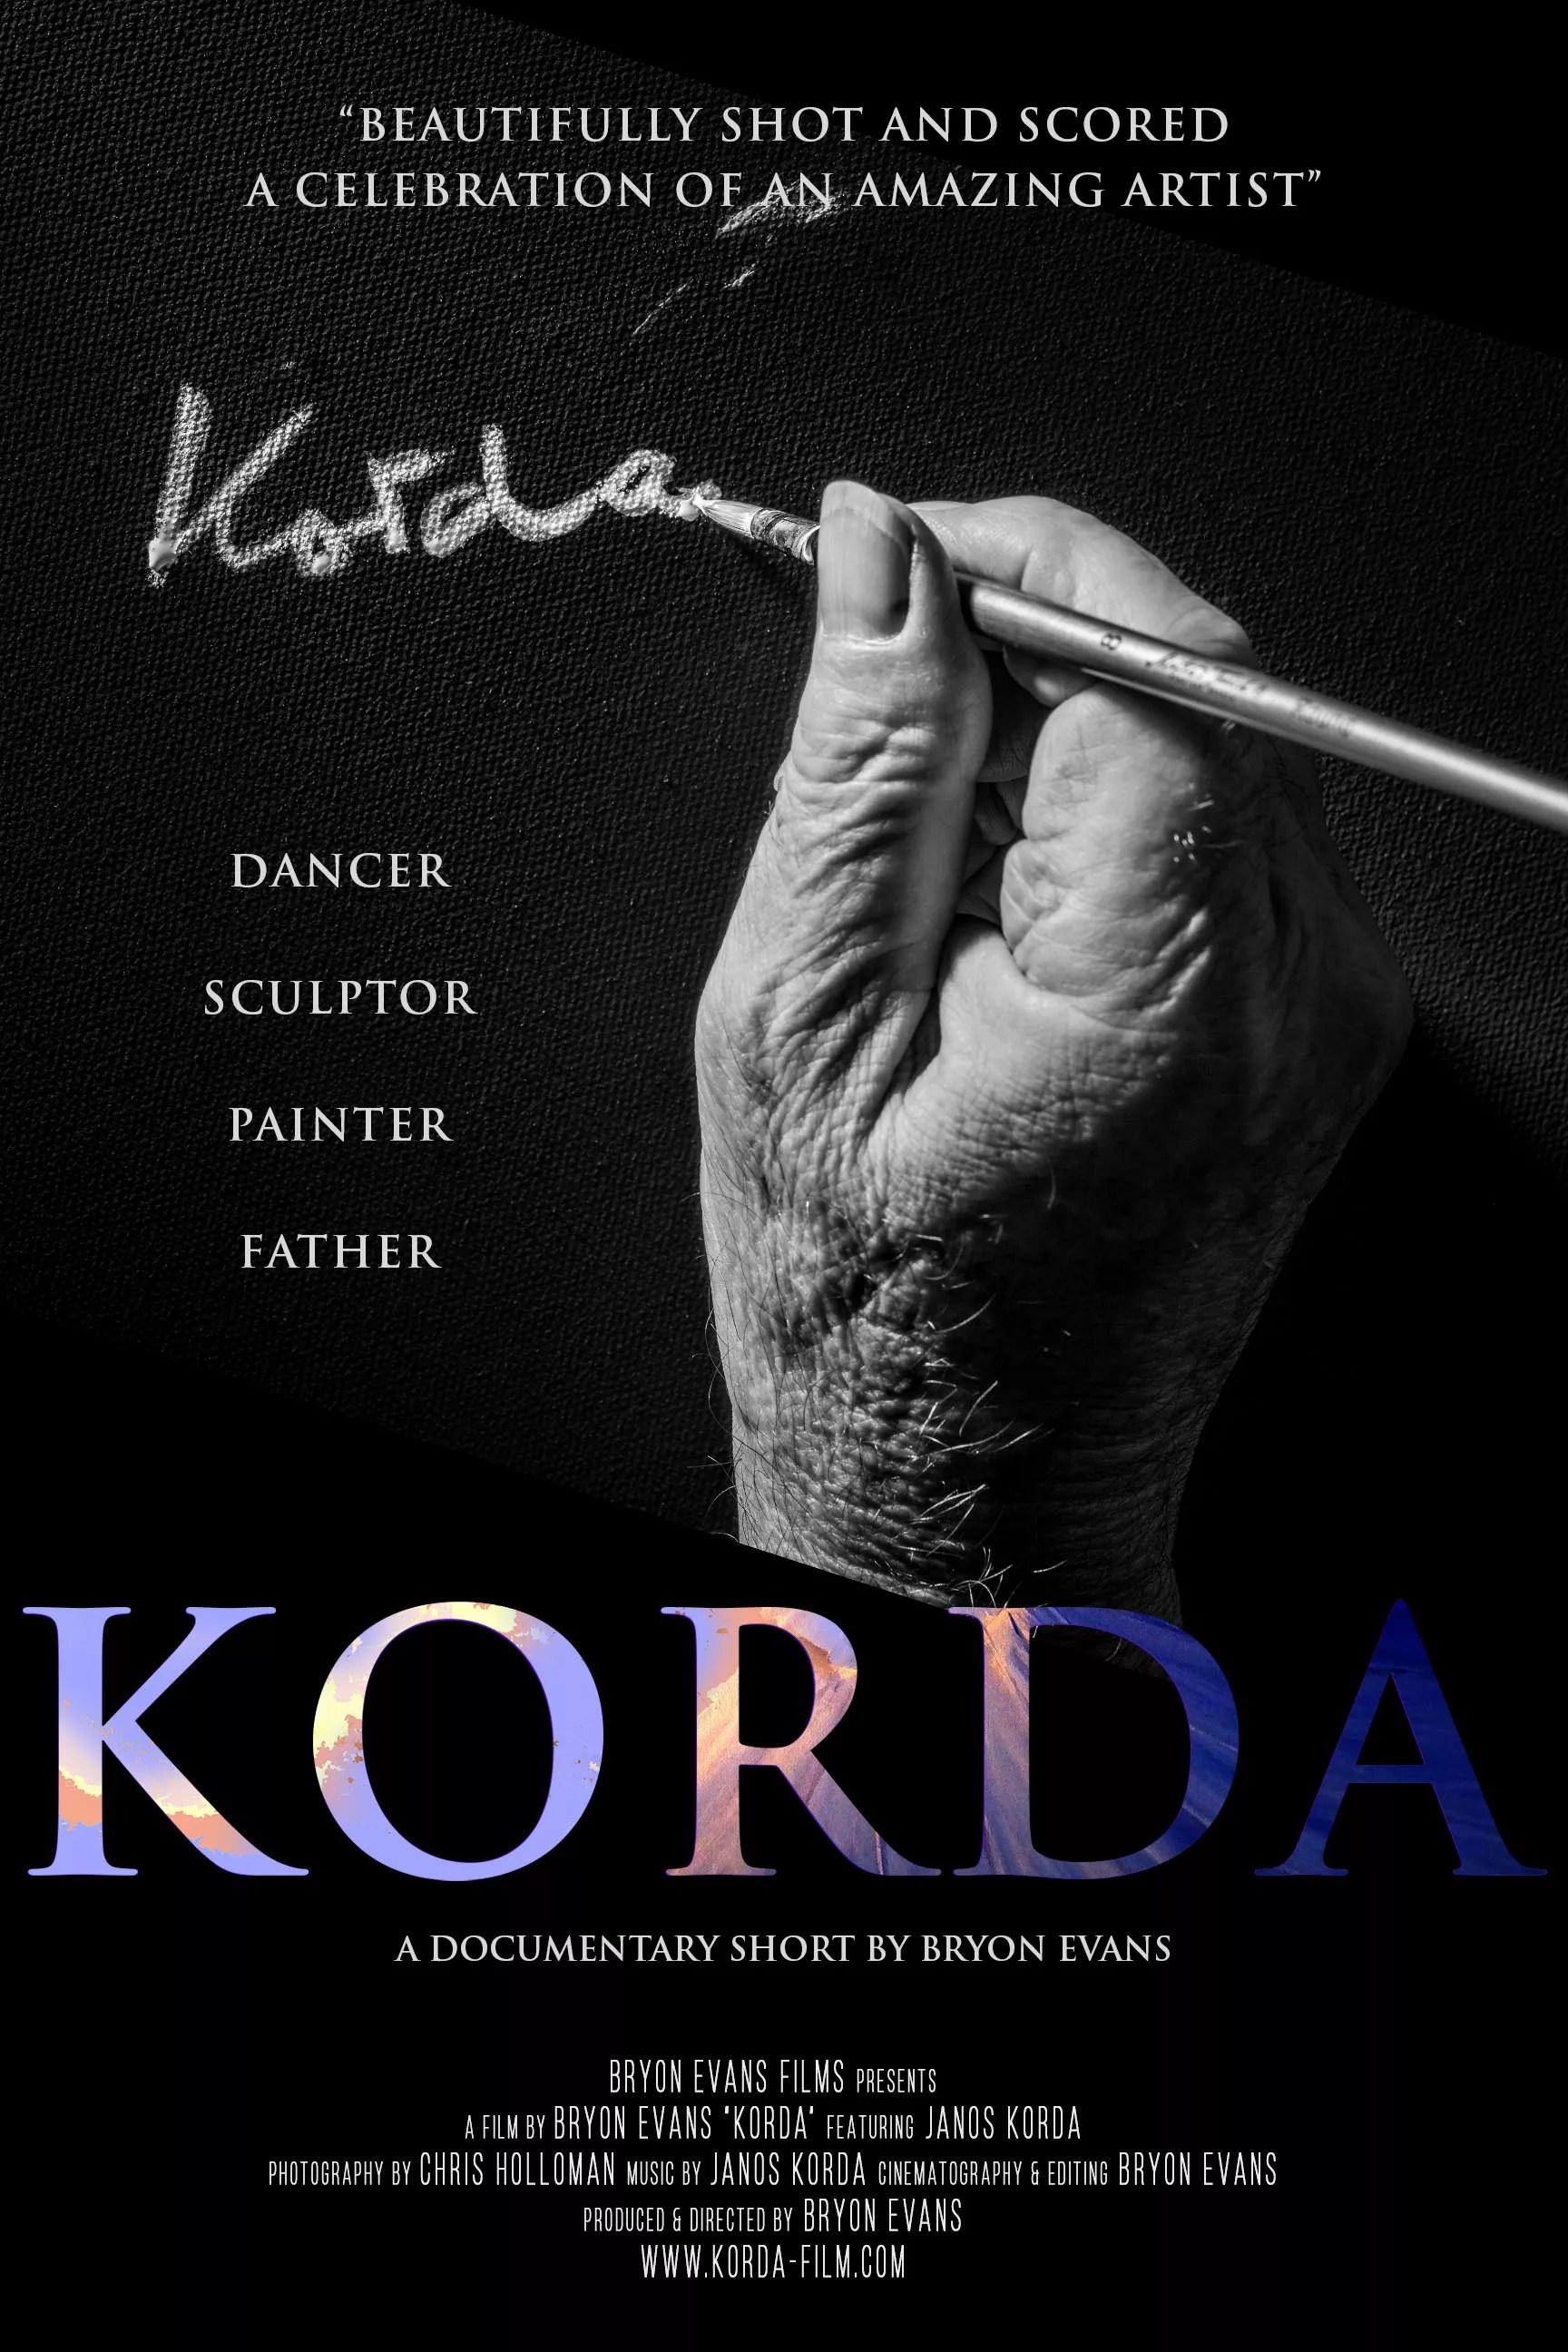 Korda Film Poster_Bryon Evans Films